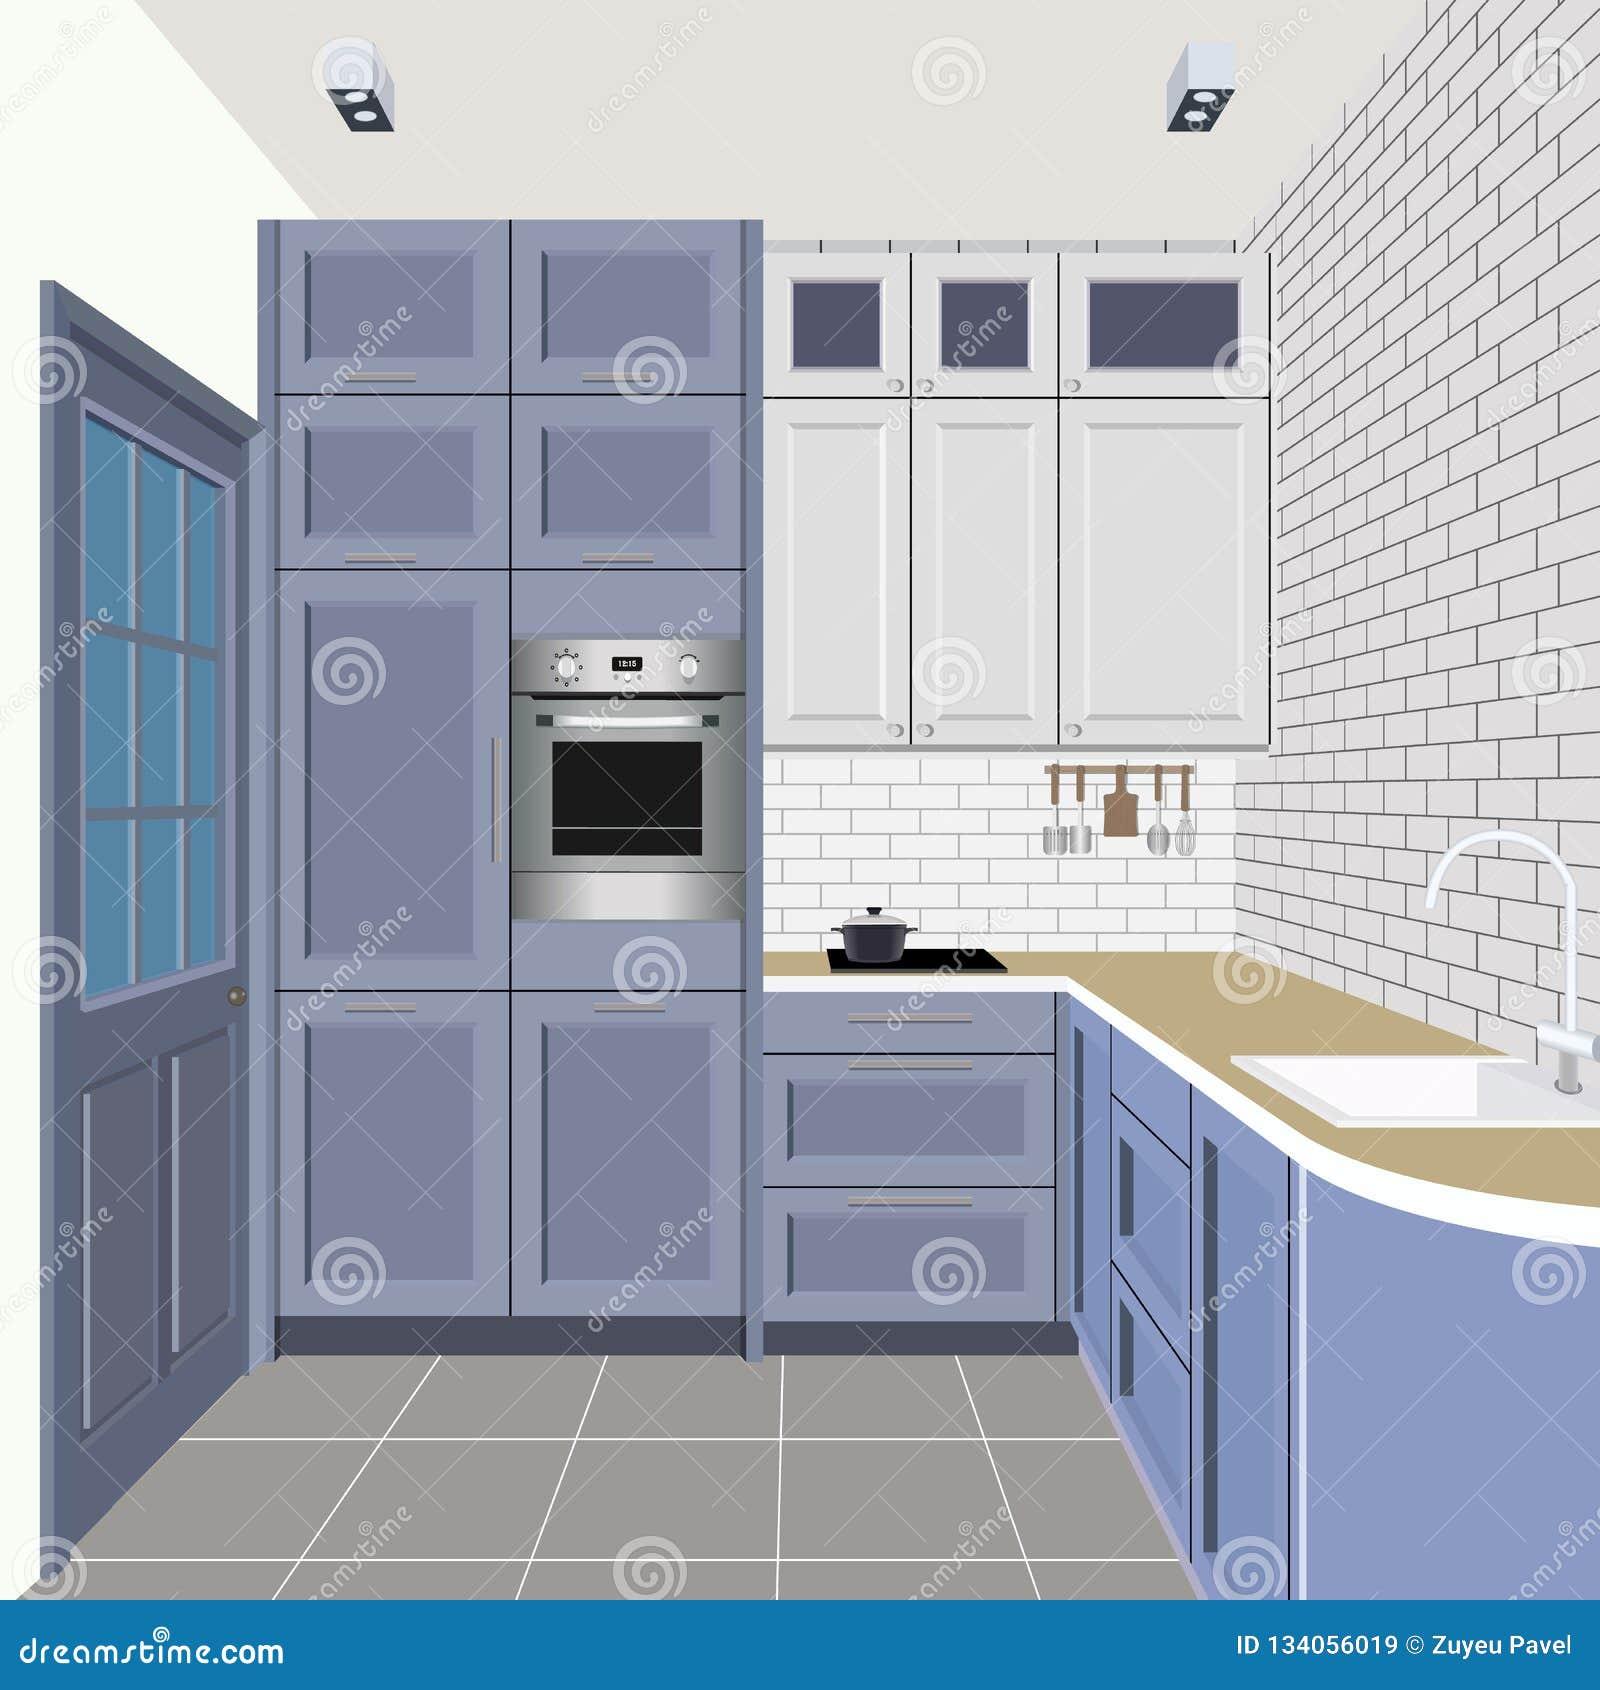 Fondo Interior De La Cocina Con Muebles Diseño De Cocina ...